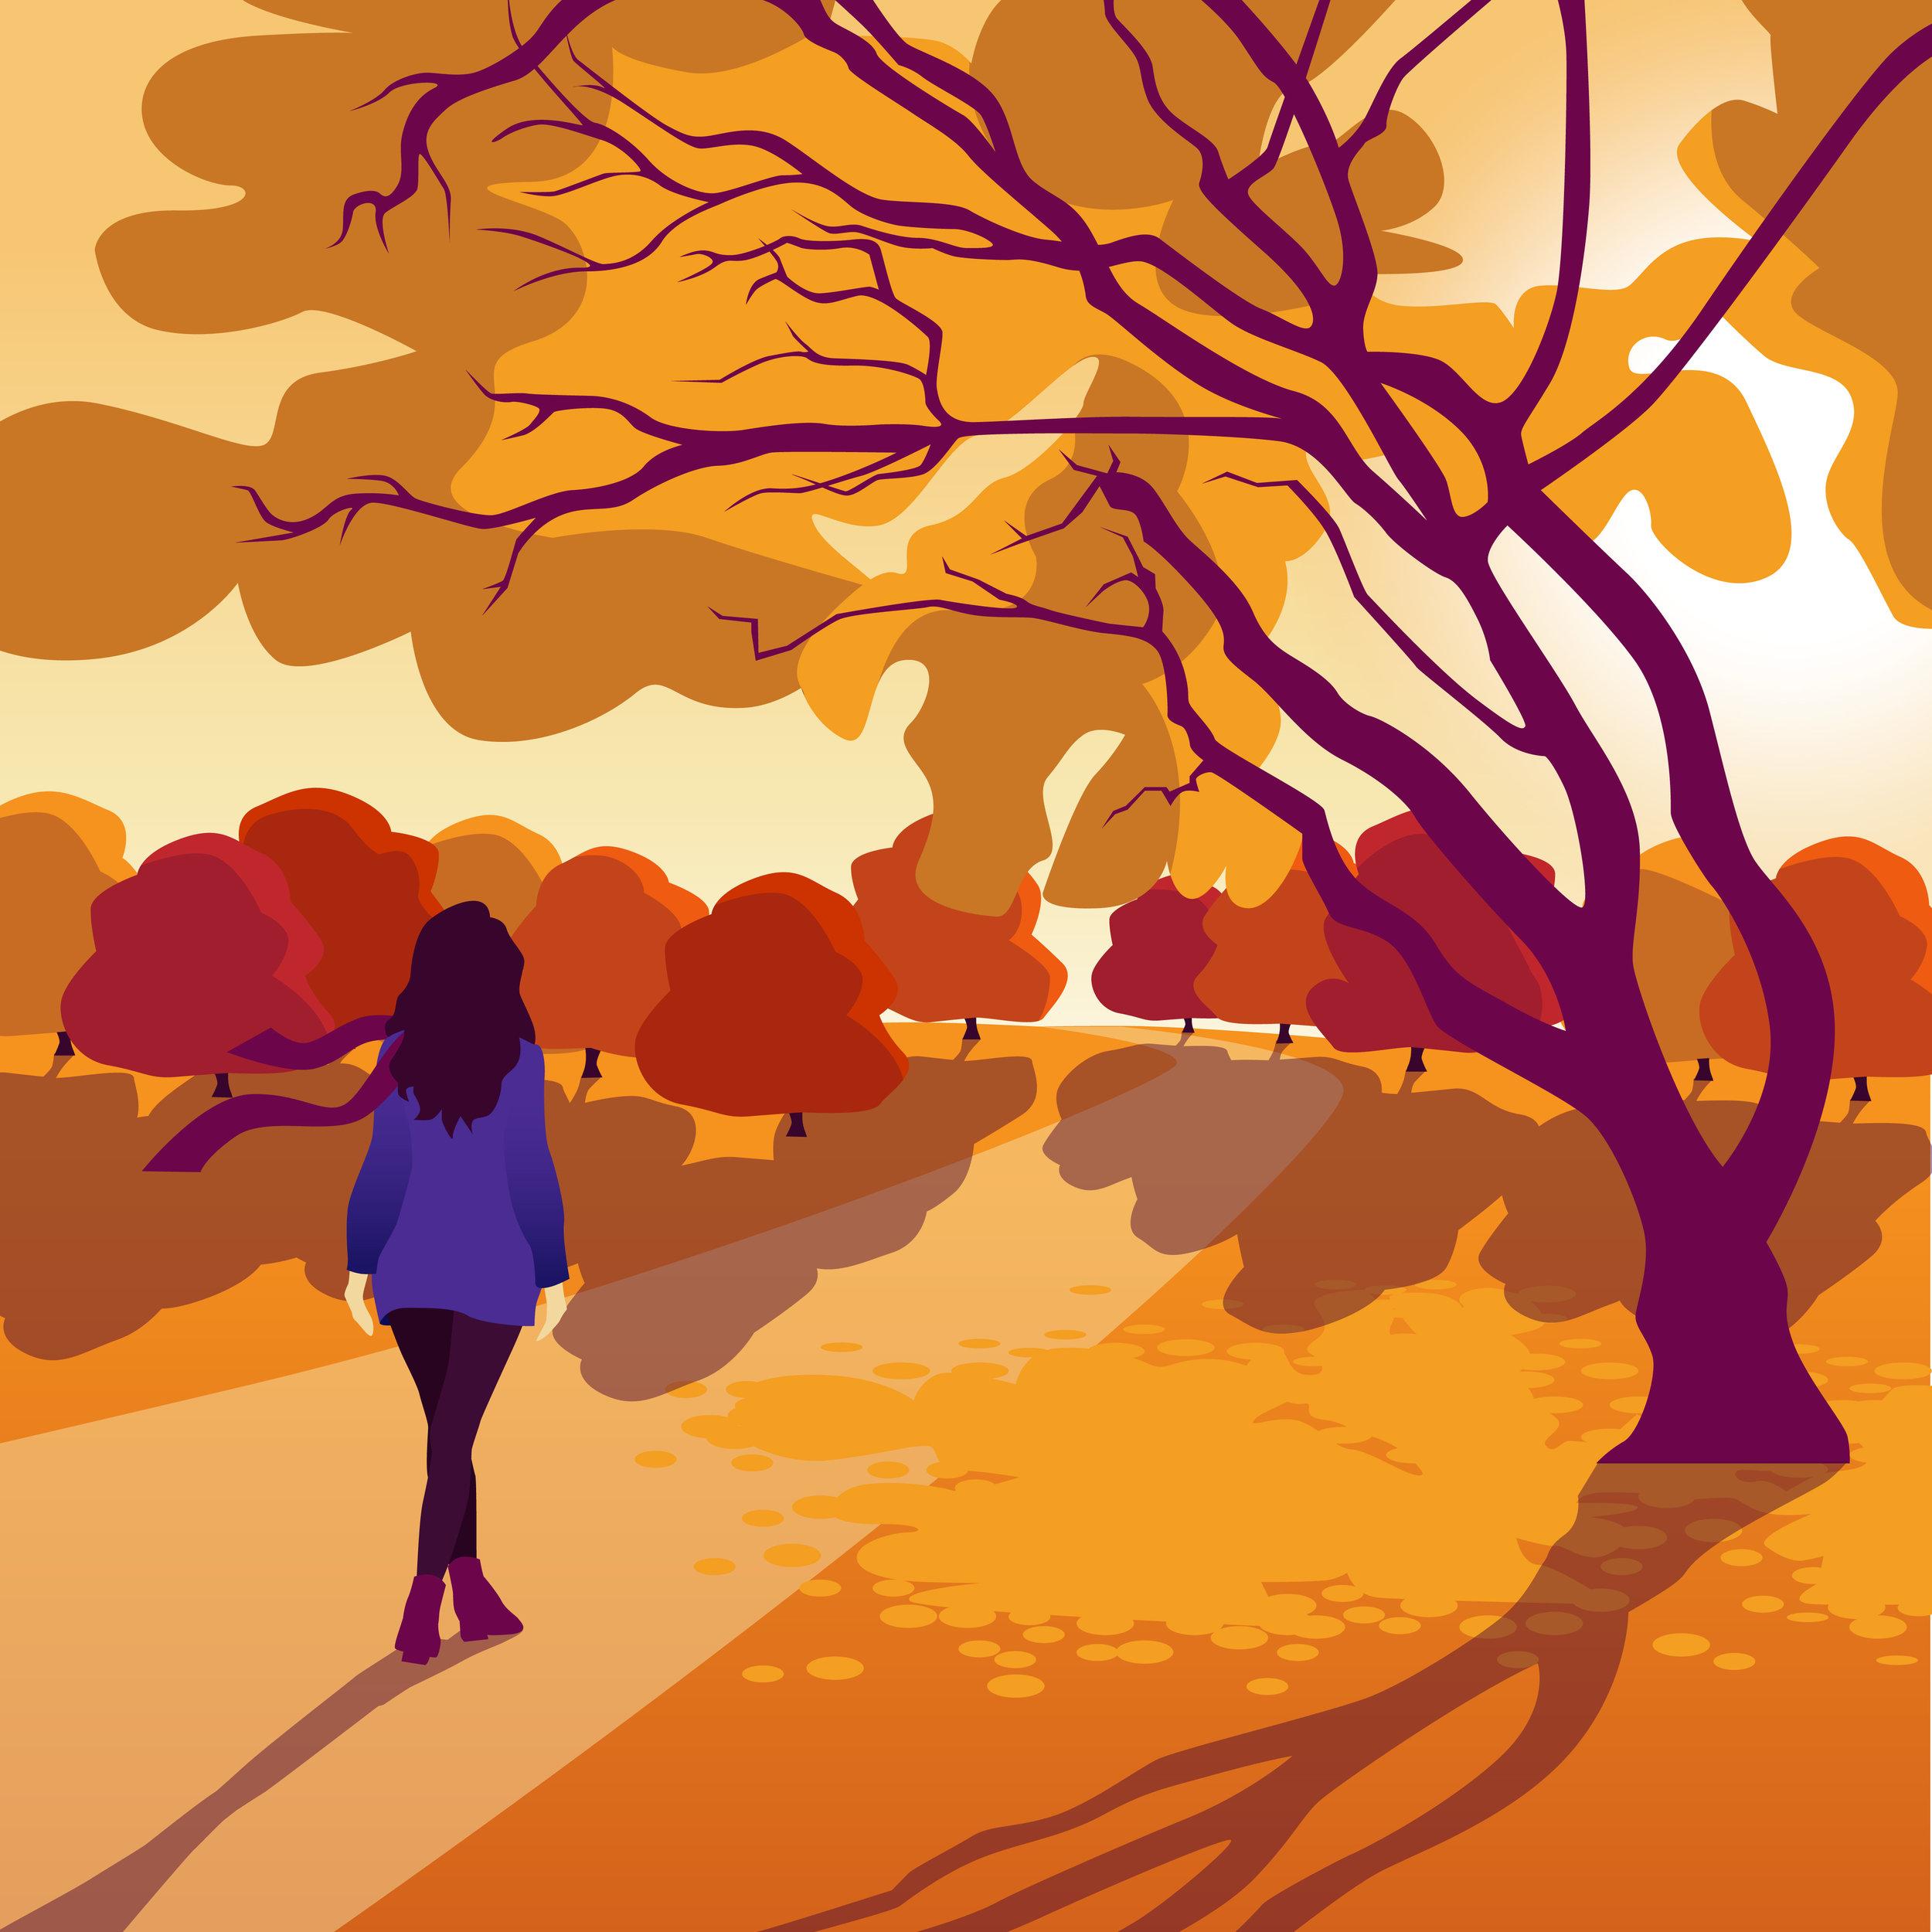 autumn illustration_2-01.jpg